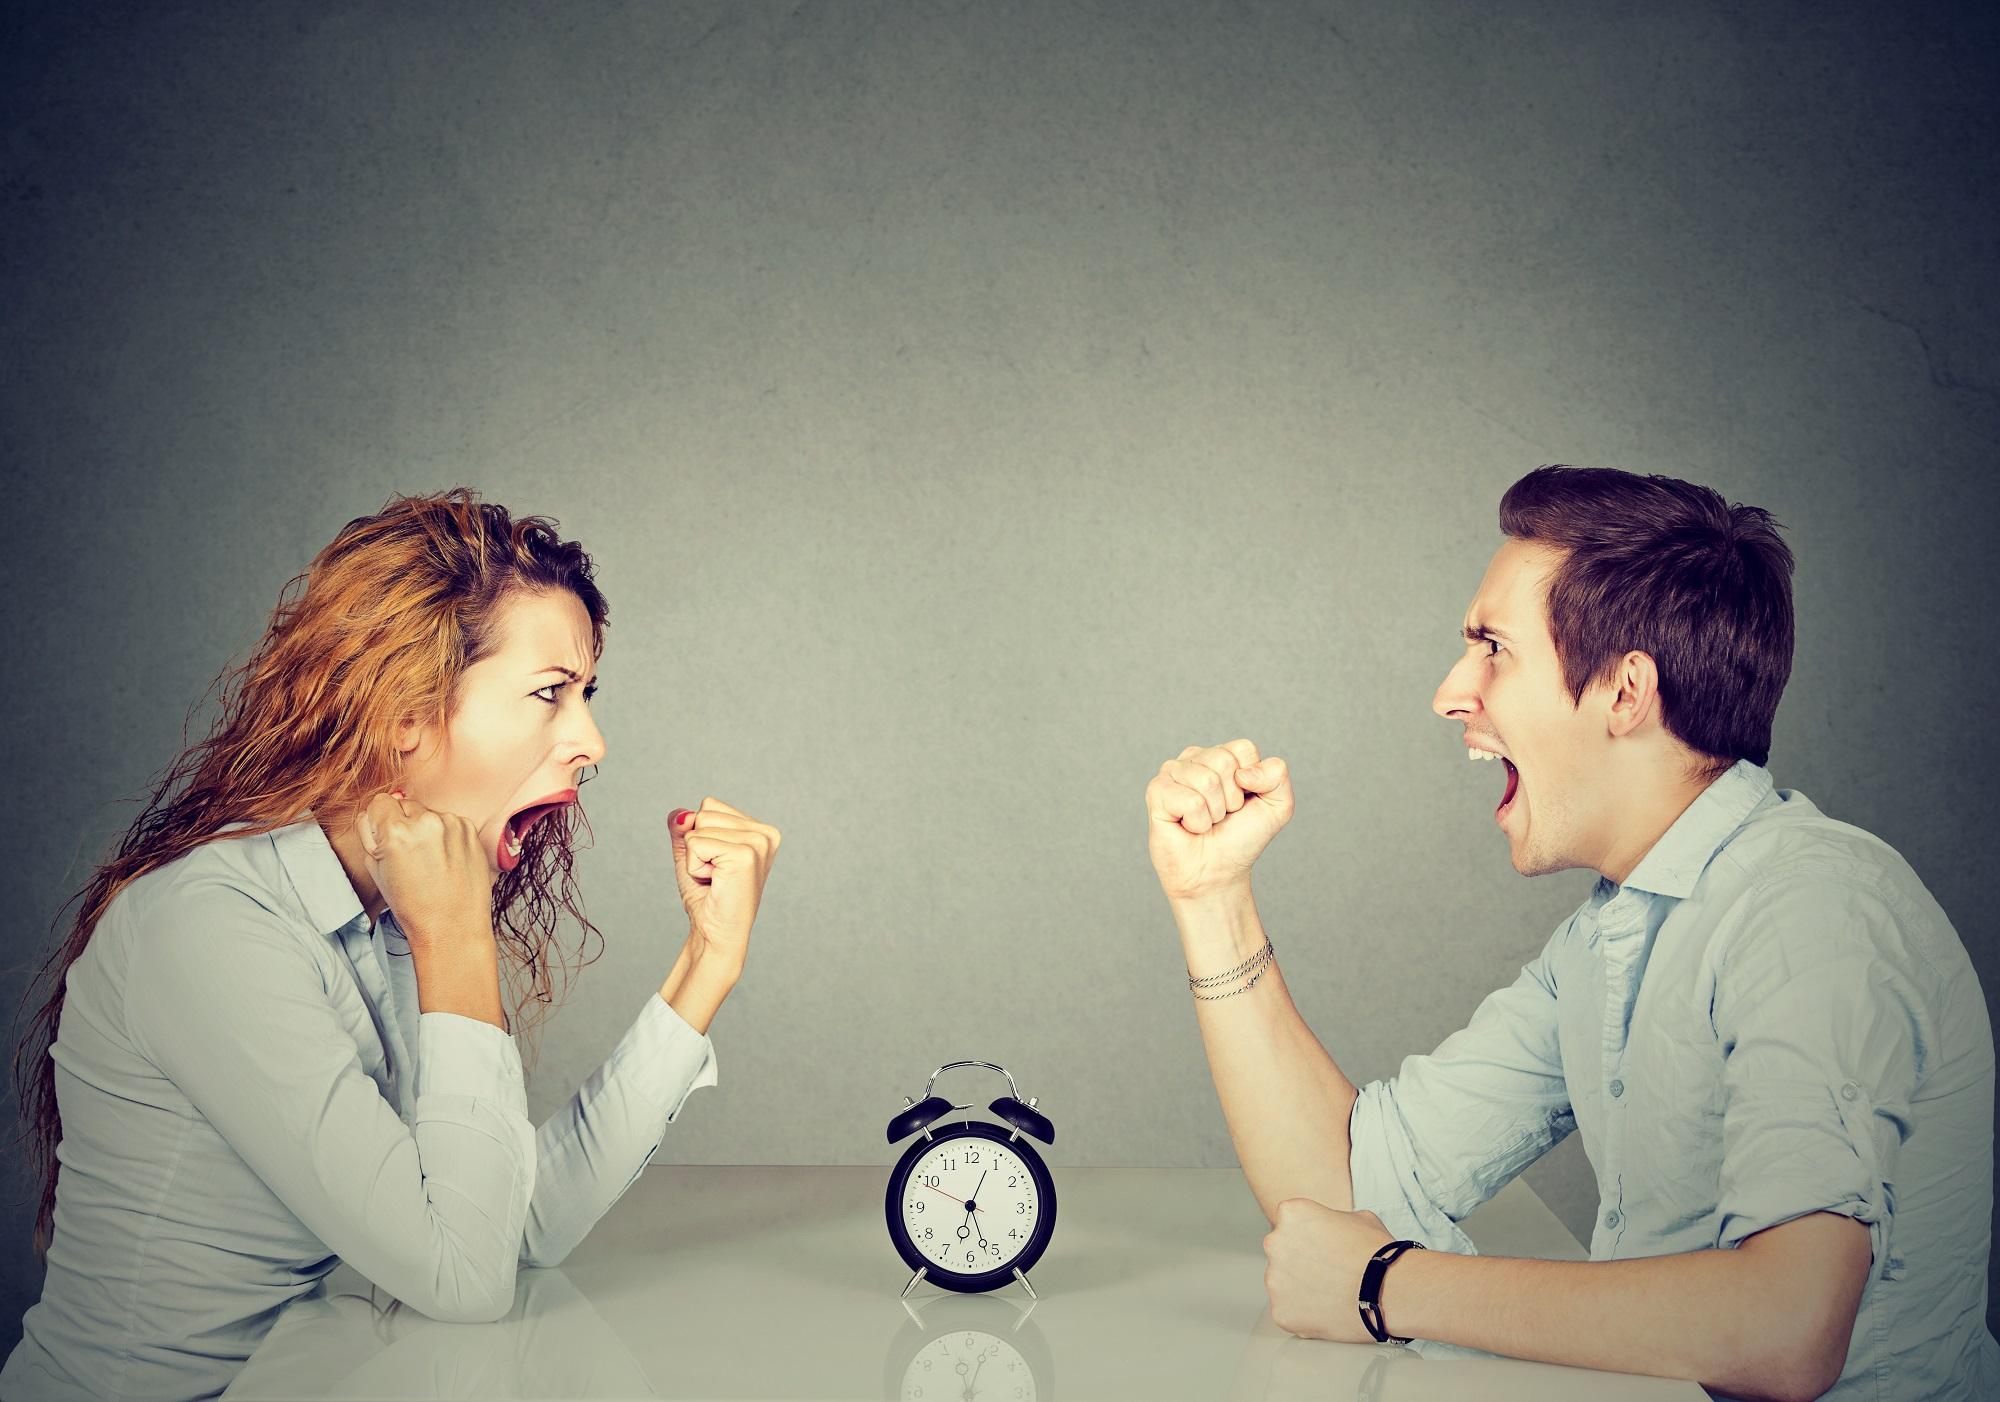 Copropriétaires vs syndics : comment en finir avec les conflits ?